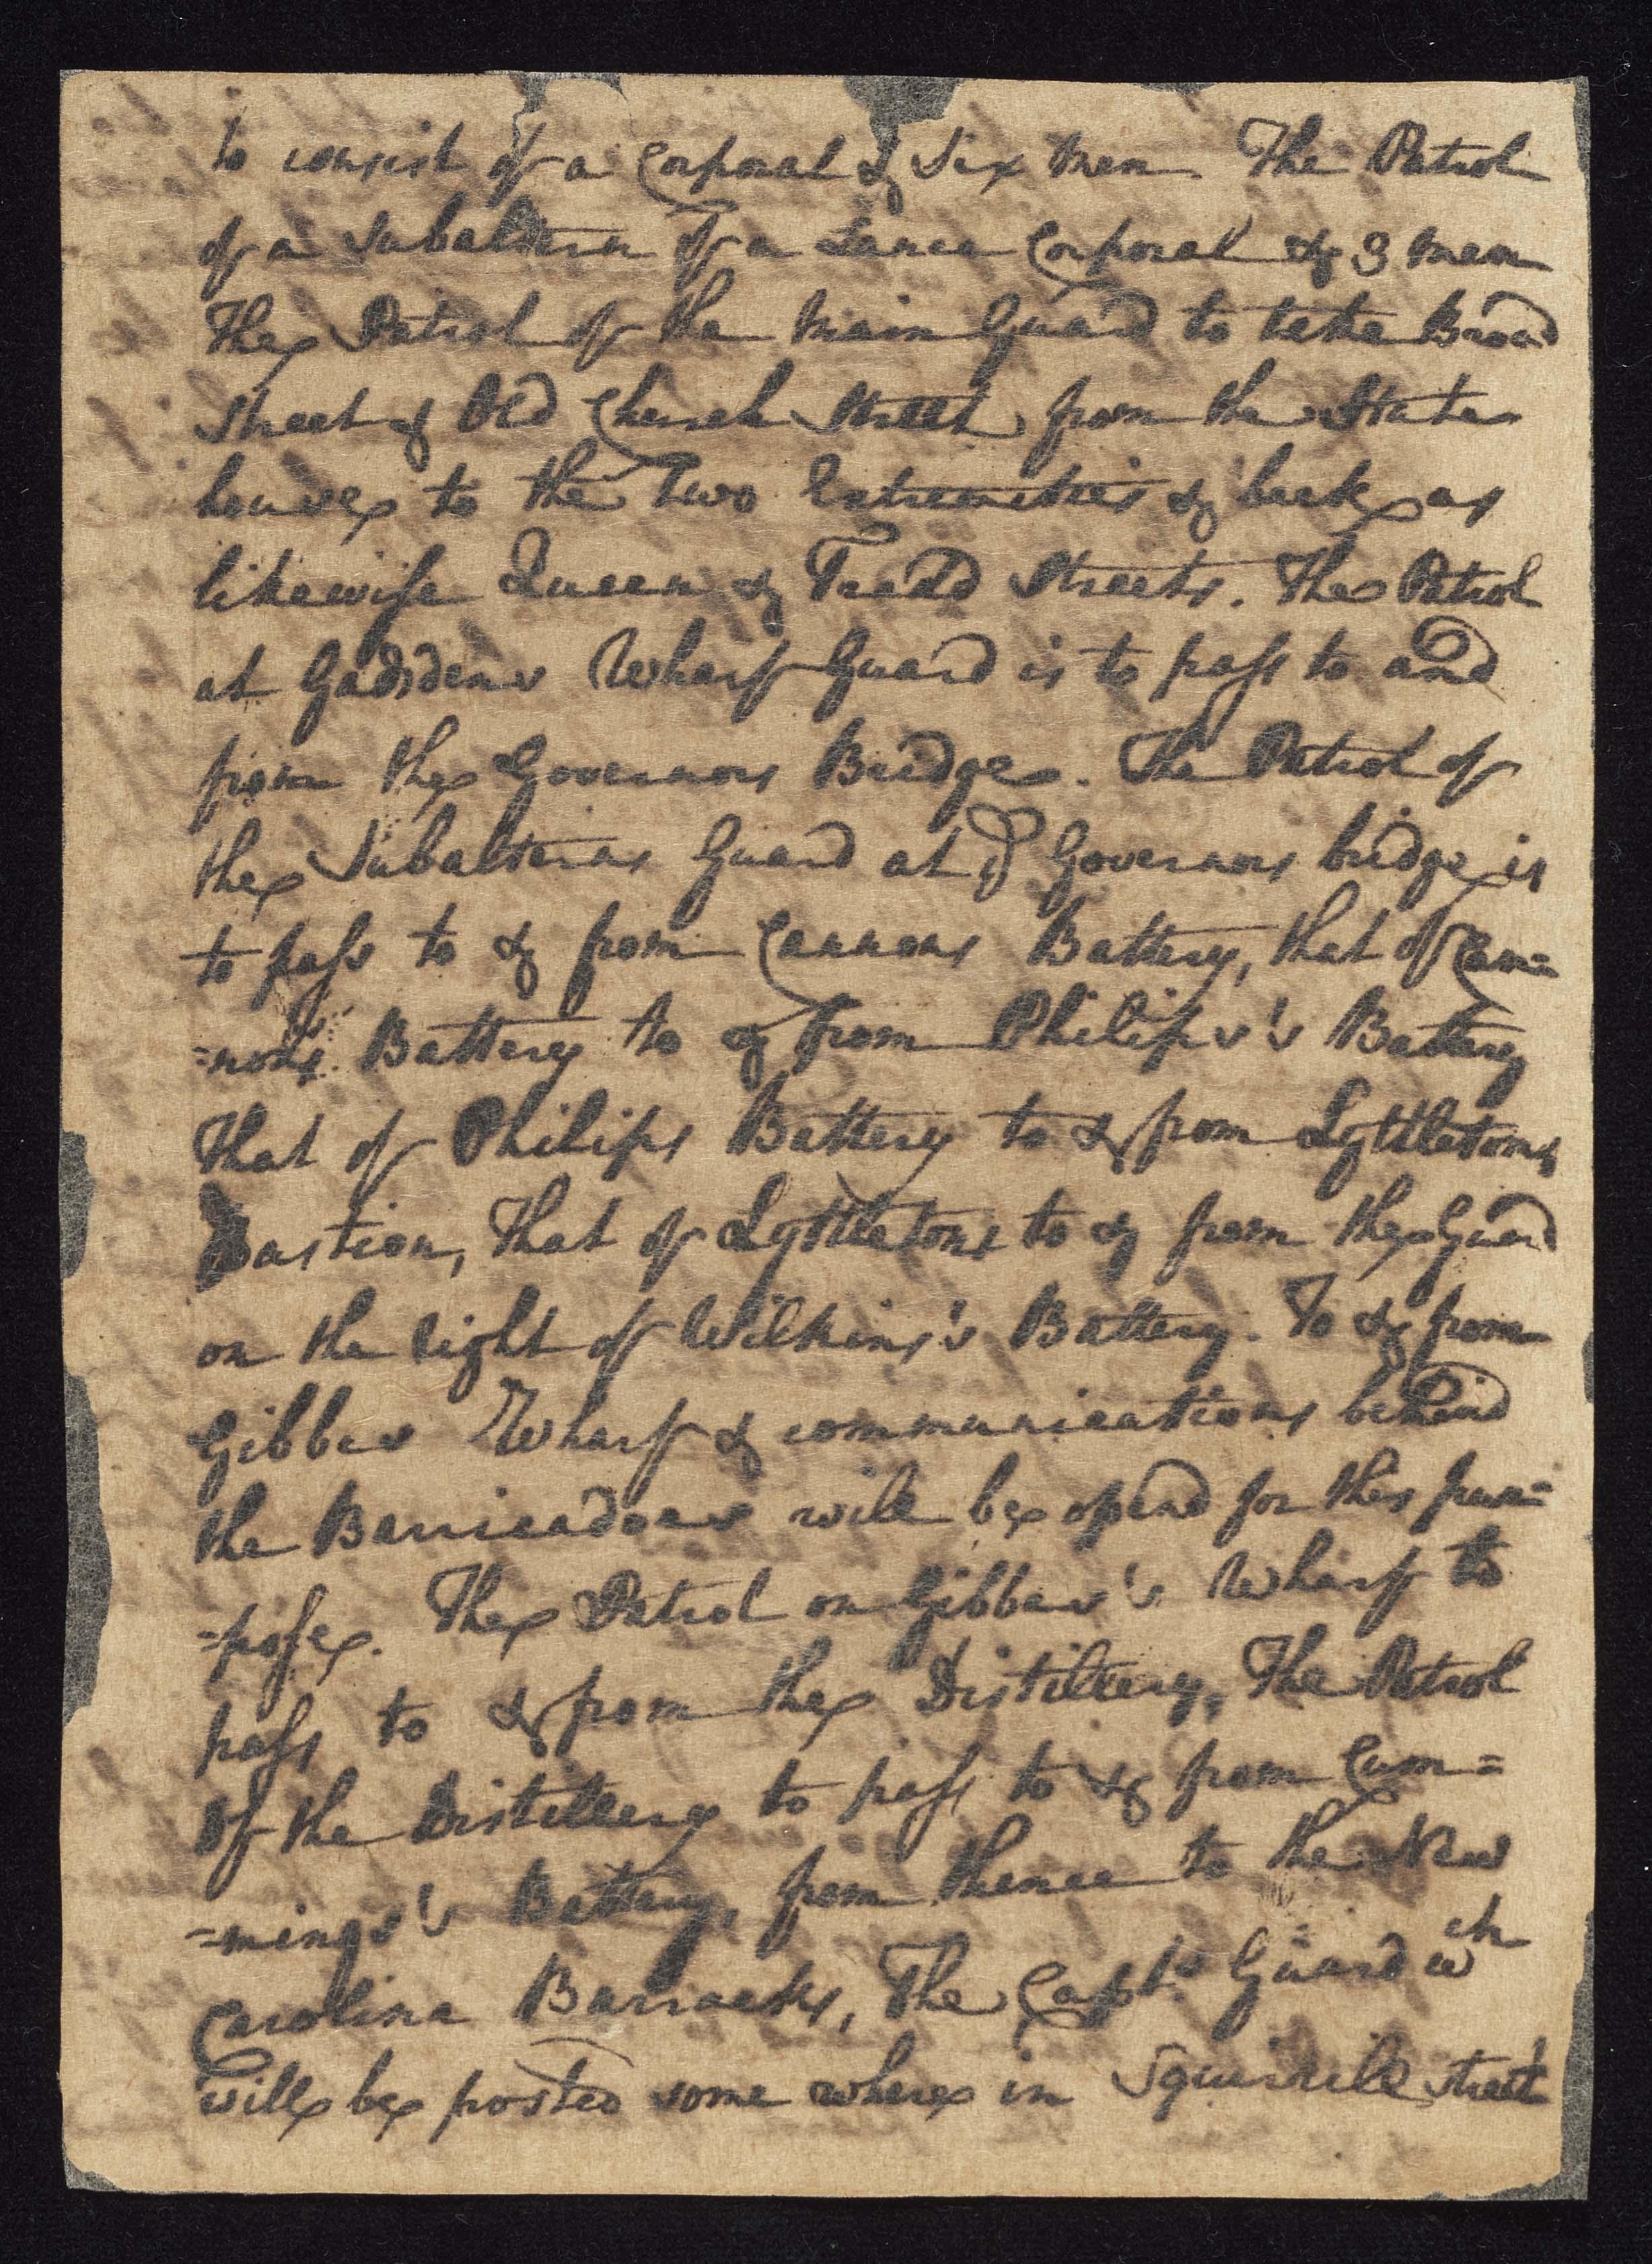 South Carolina Regiment Order Book, Page 120